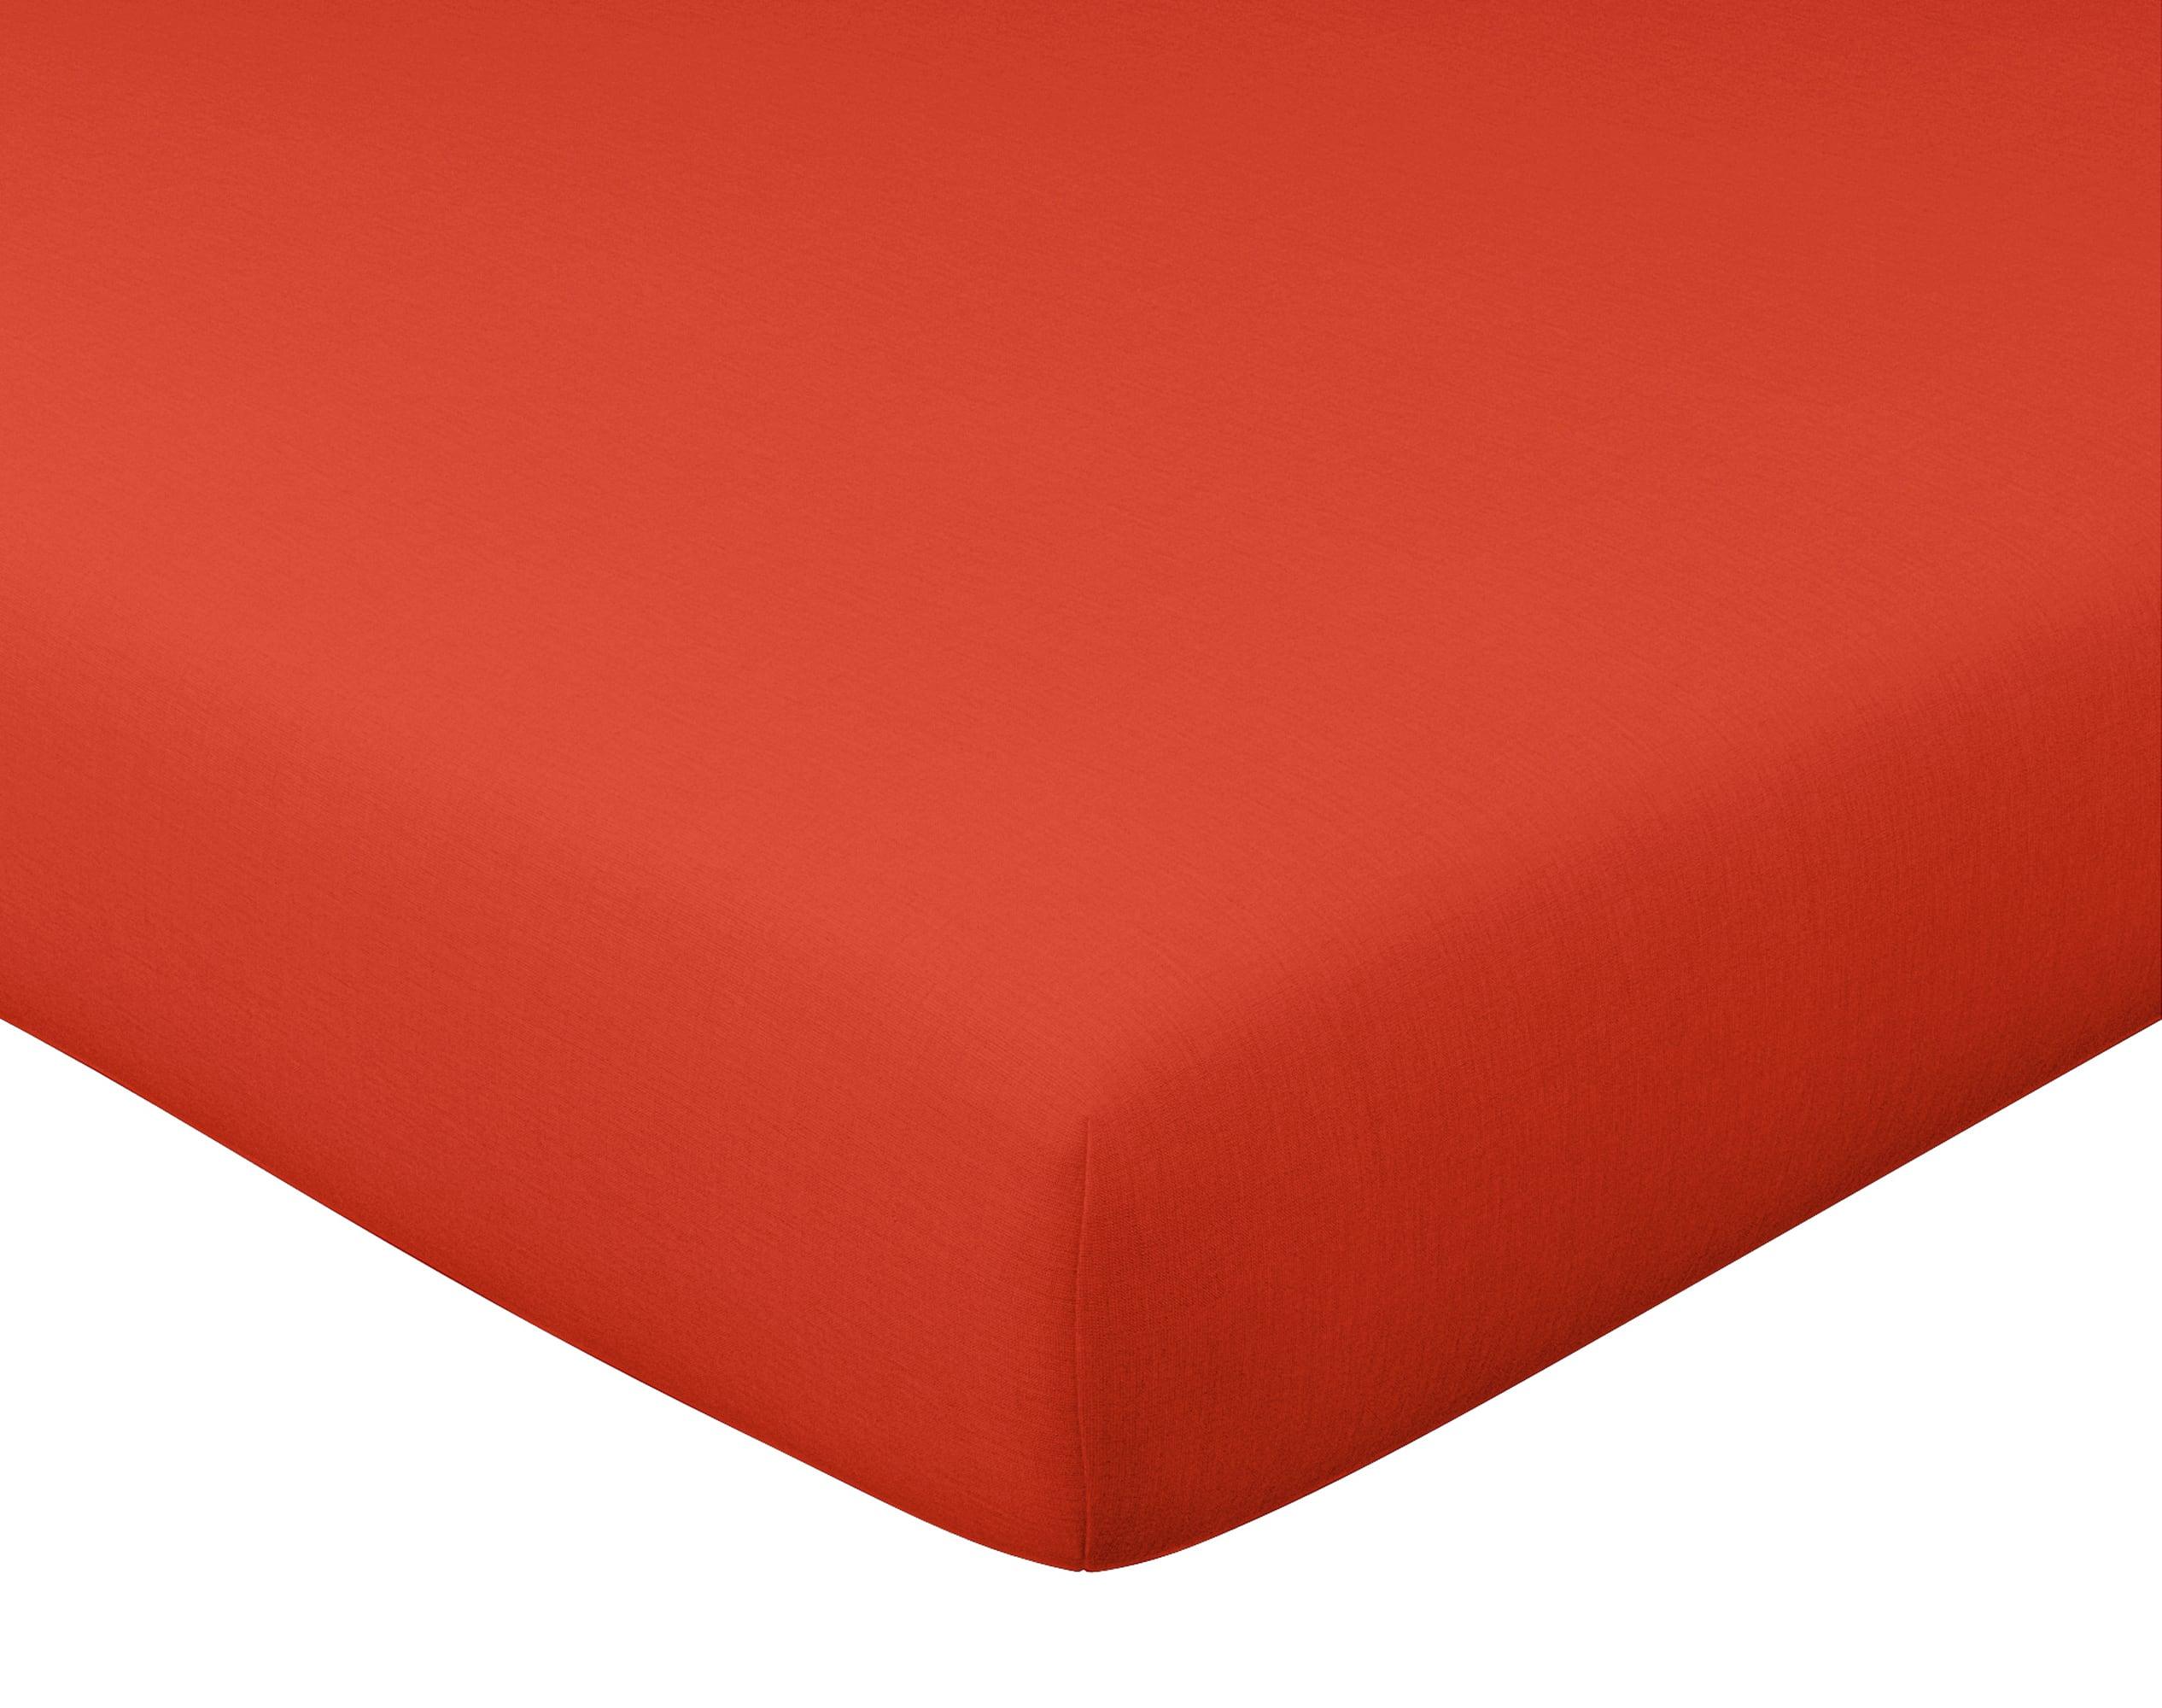 Drap-housse 140x190 en lin lavé rouge brique